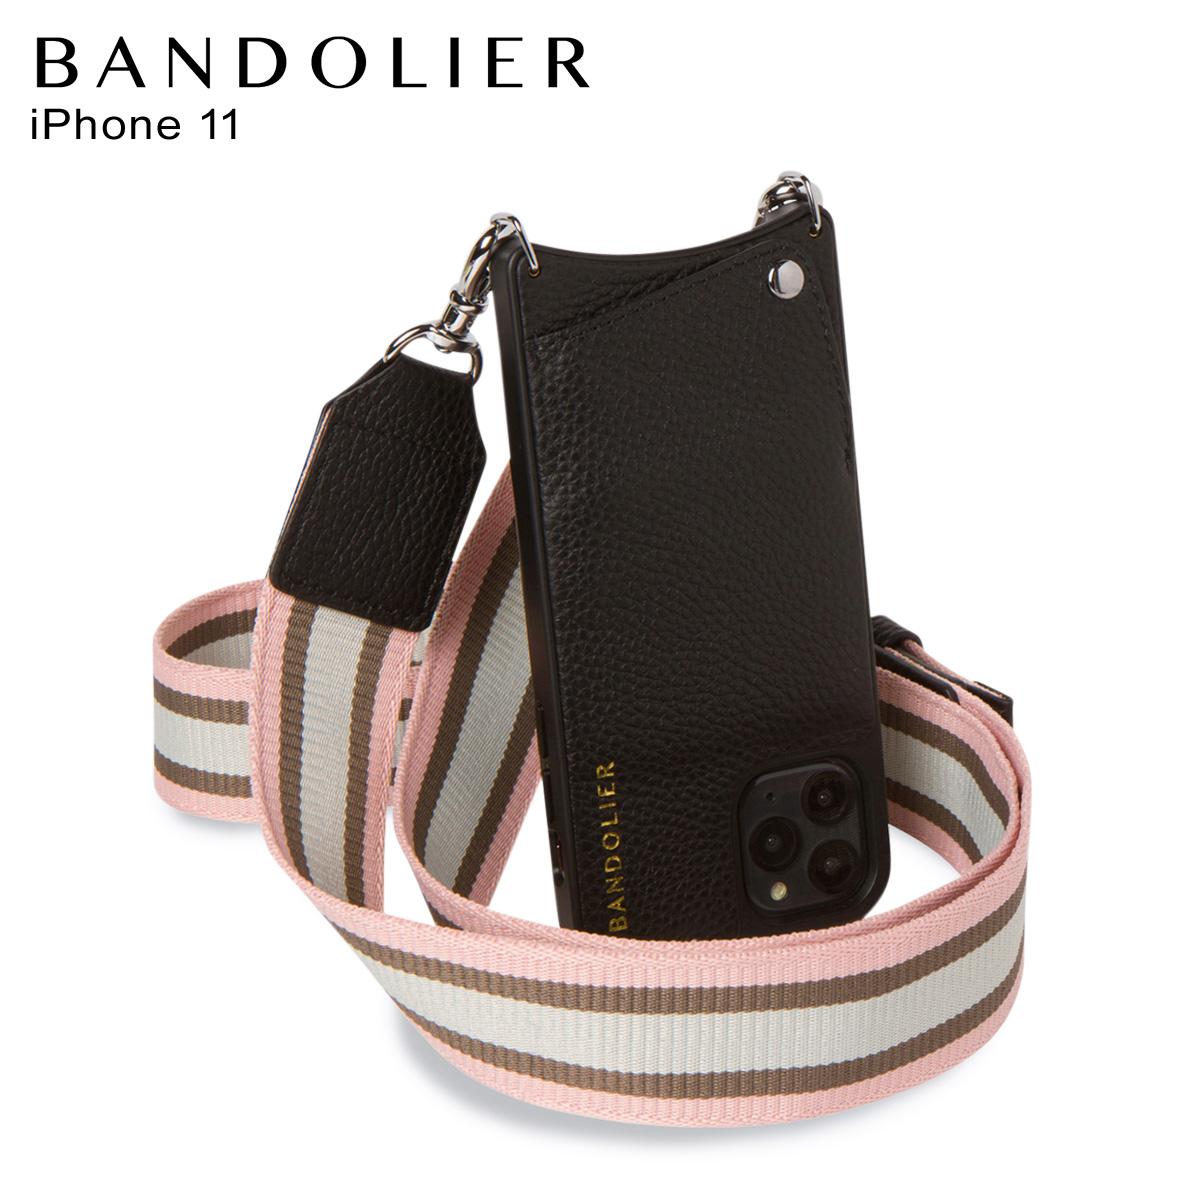 バンドリヤー BANDOLIER キンバリー サイドスロット iPhone11 ケース スマホ 携帯 アイフォン ショルダー メンズ レディース レザー KIMBERLY SIDE SLOT PINK WHITE ブラック 黒 10KIM [5/1 新入荷]